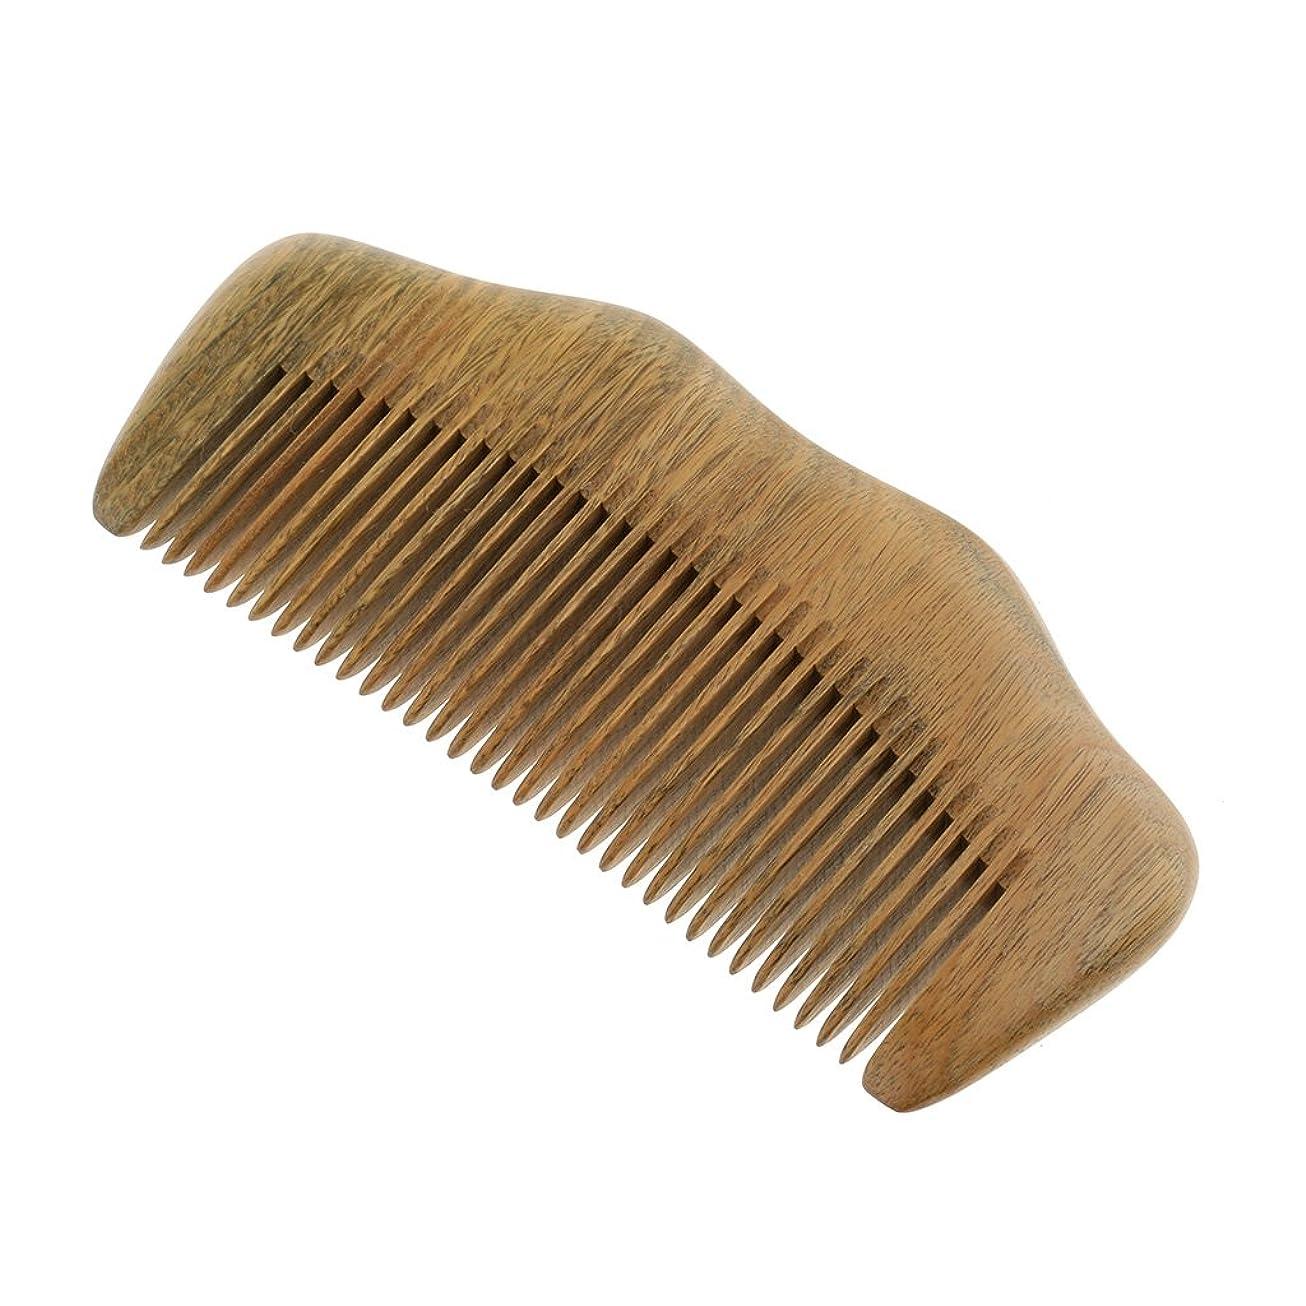 著者治療睡眠T TOOYFUL ウッドヘアコーム 自然な木 櫛 ヘアケア マッサージ 細かい歯 静電気防止 滑らか